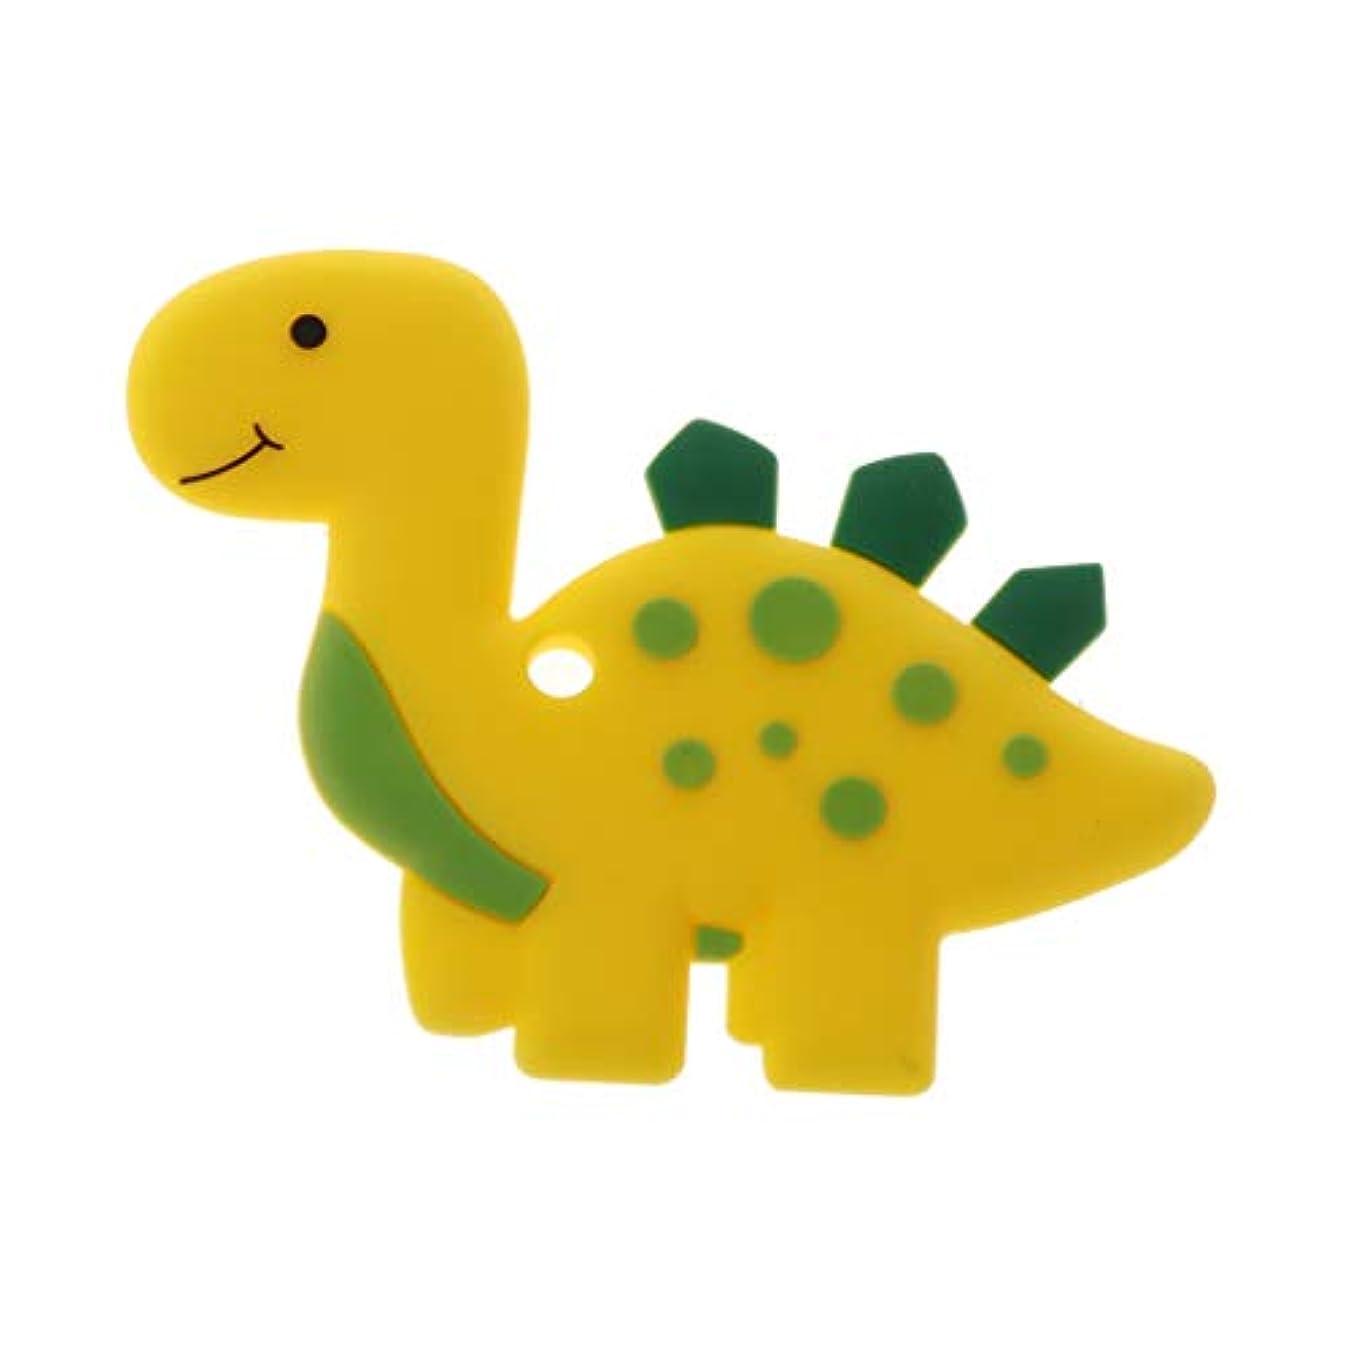 一生退却特権的Landdumシリコーンおしゃぶり恐竜おしゃべり赤ちゃん看護玩具かむ玩具歯が生えるガラガラおもちゃ - ロイヤルブルー